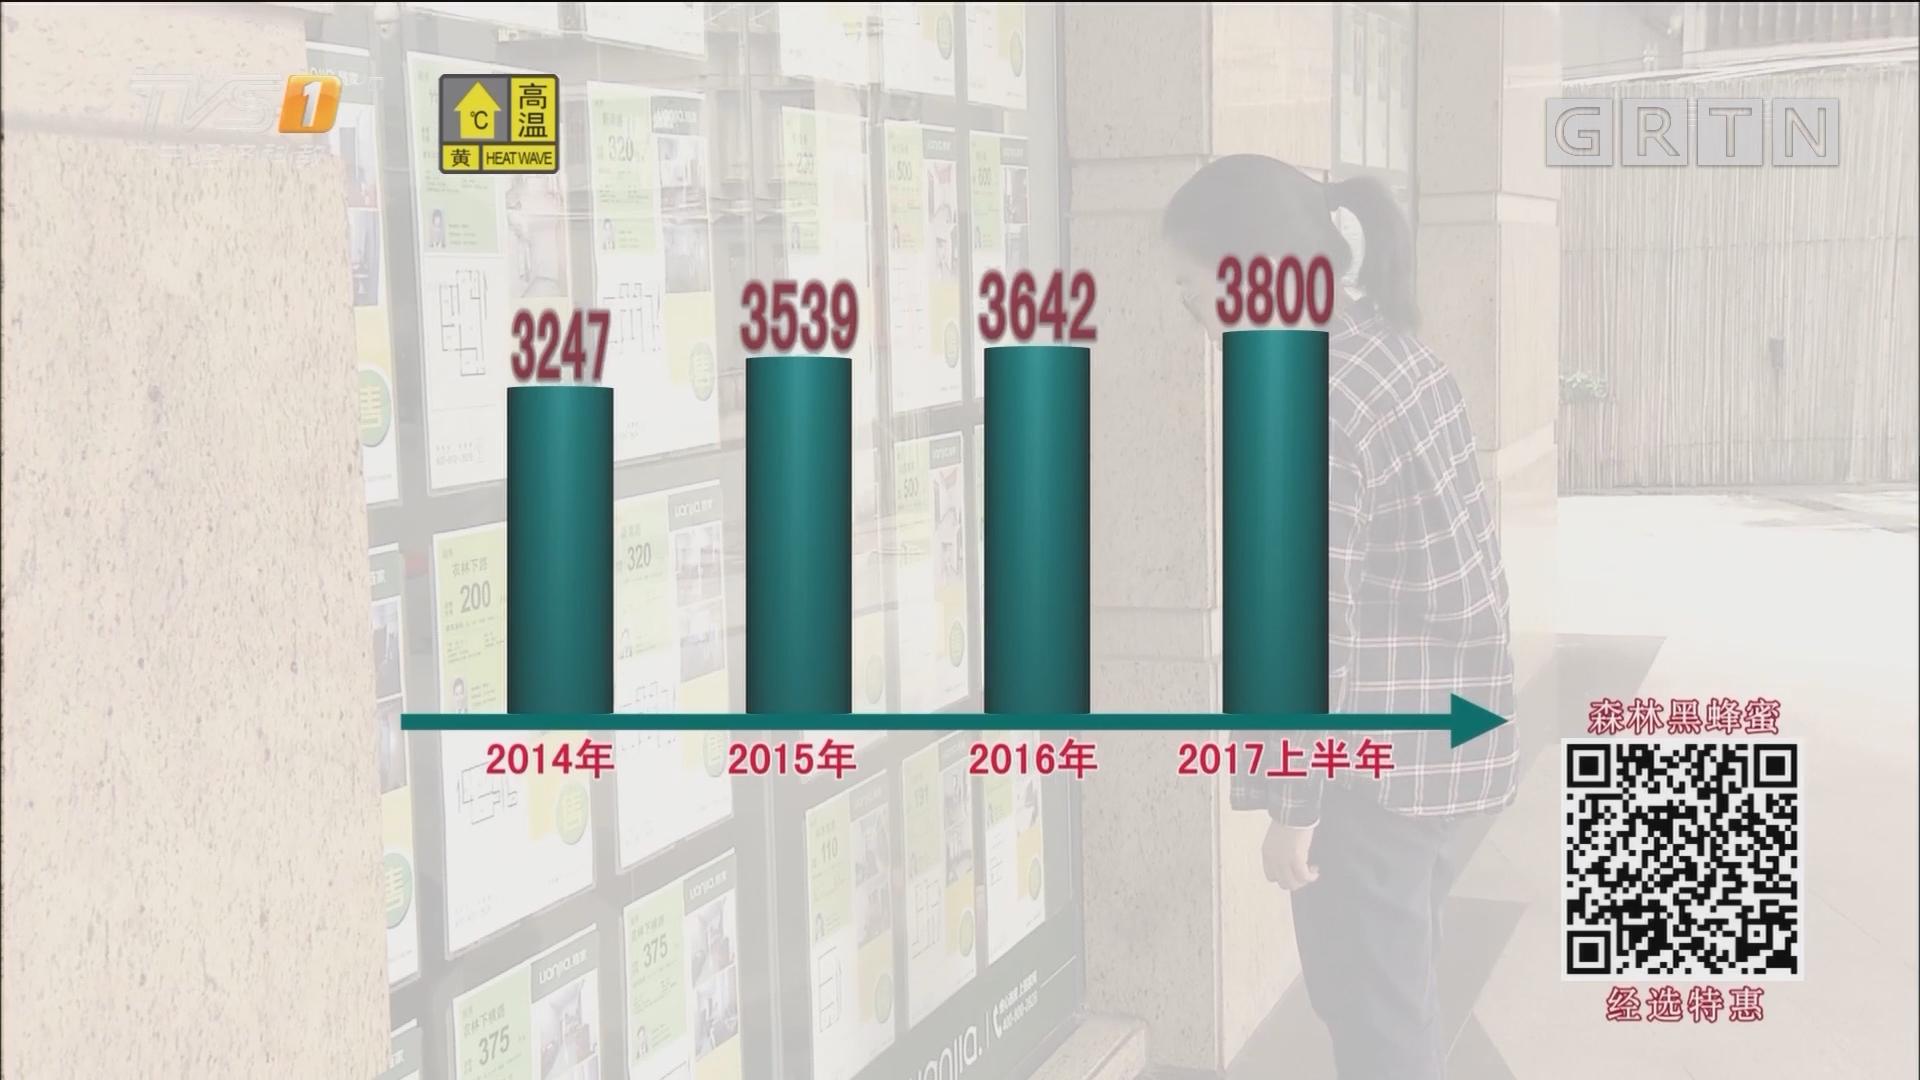 广州:房租占去收入近四成 好在上半年涨幅放缓